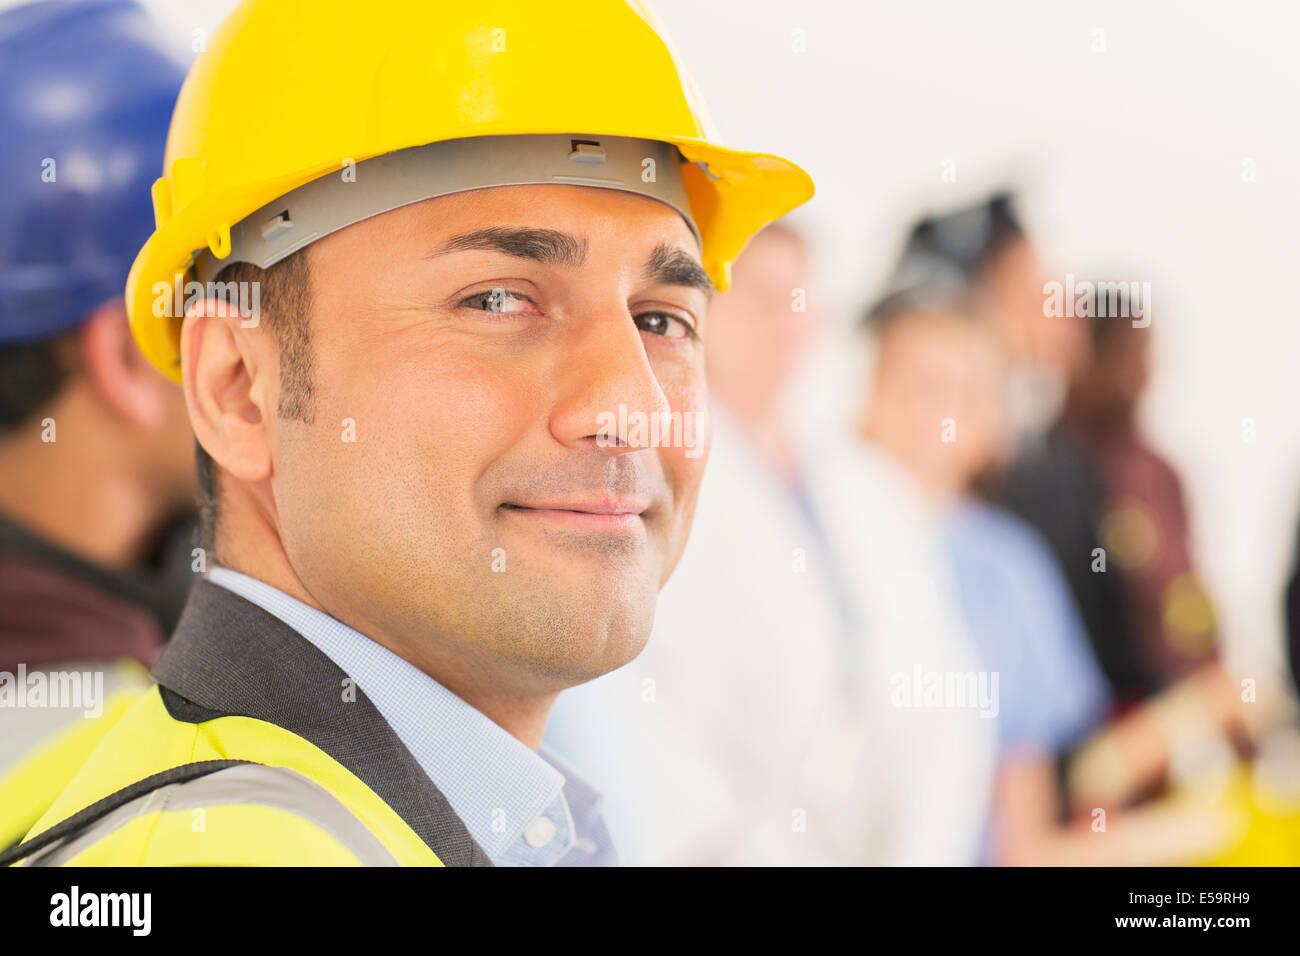 Retrato de seguros, trabajador de la construcción Foto de stock